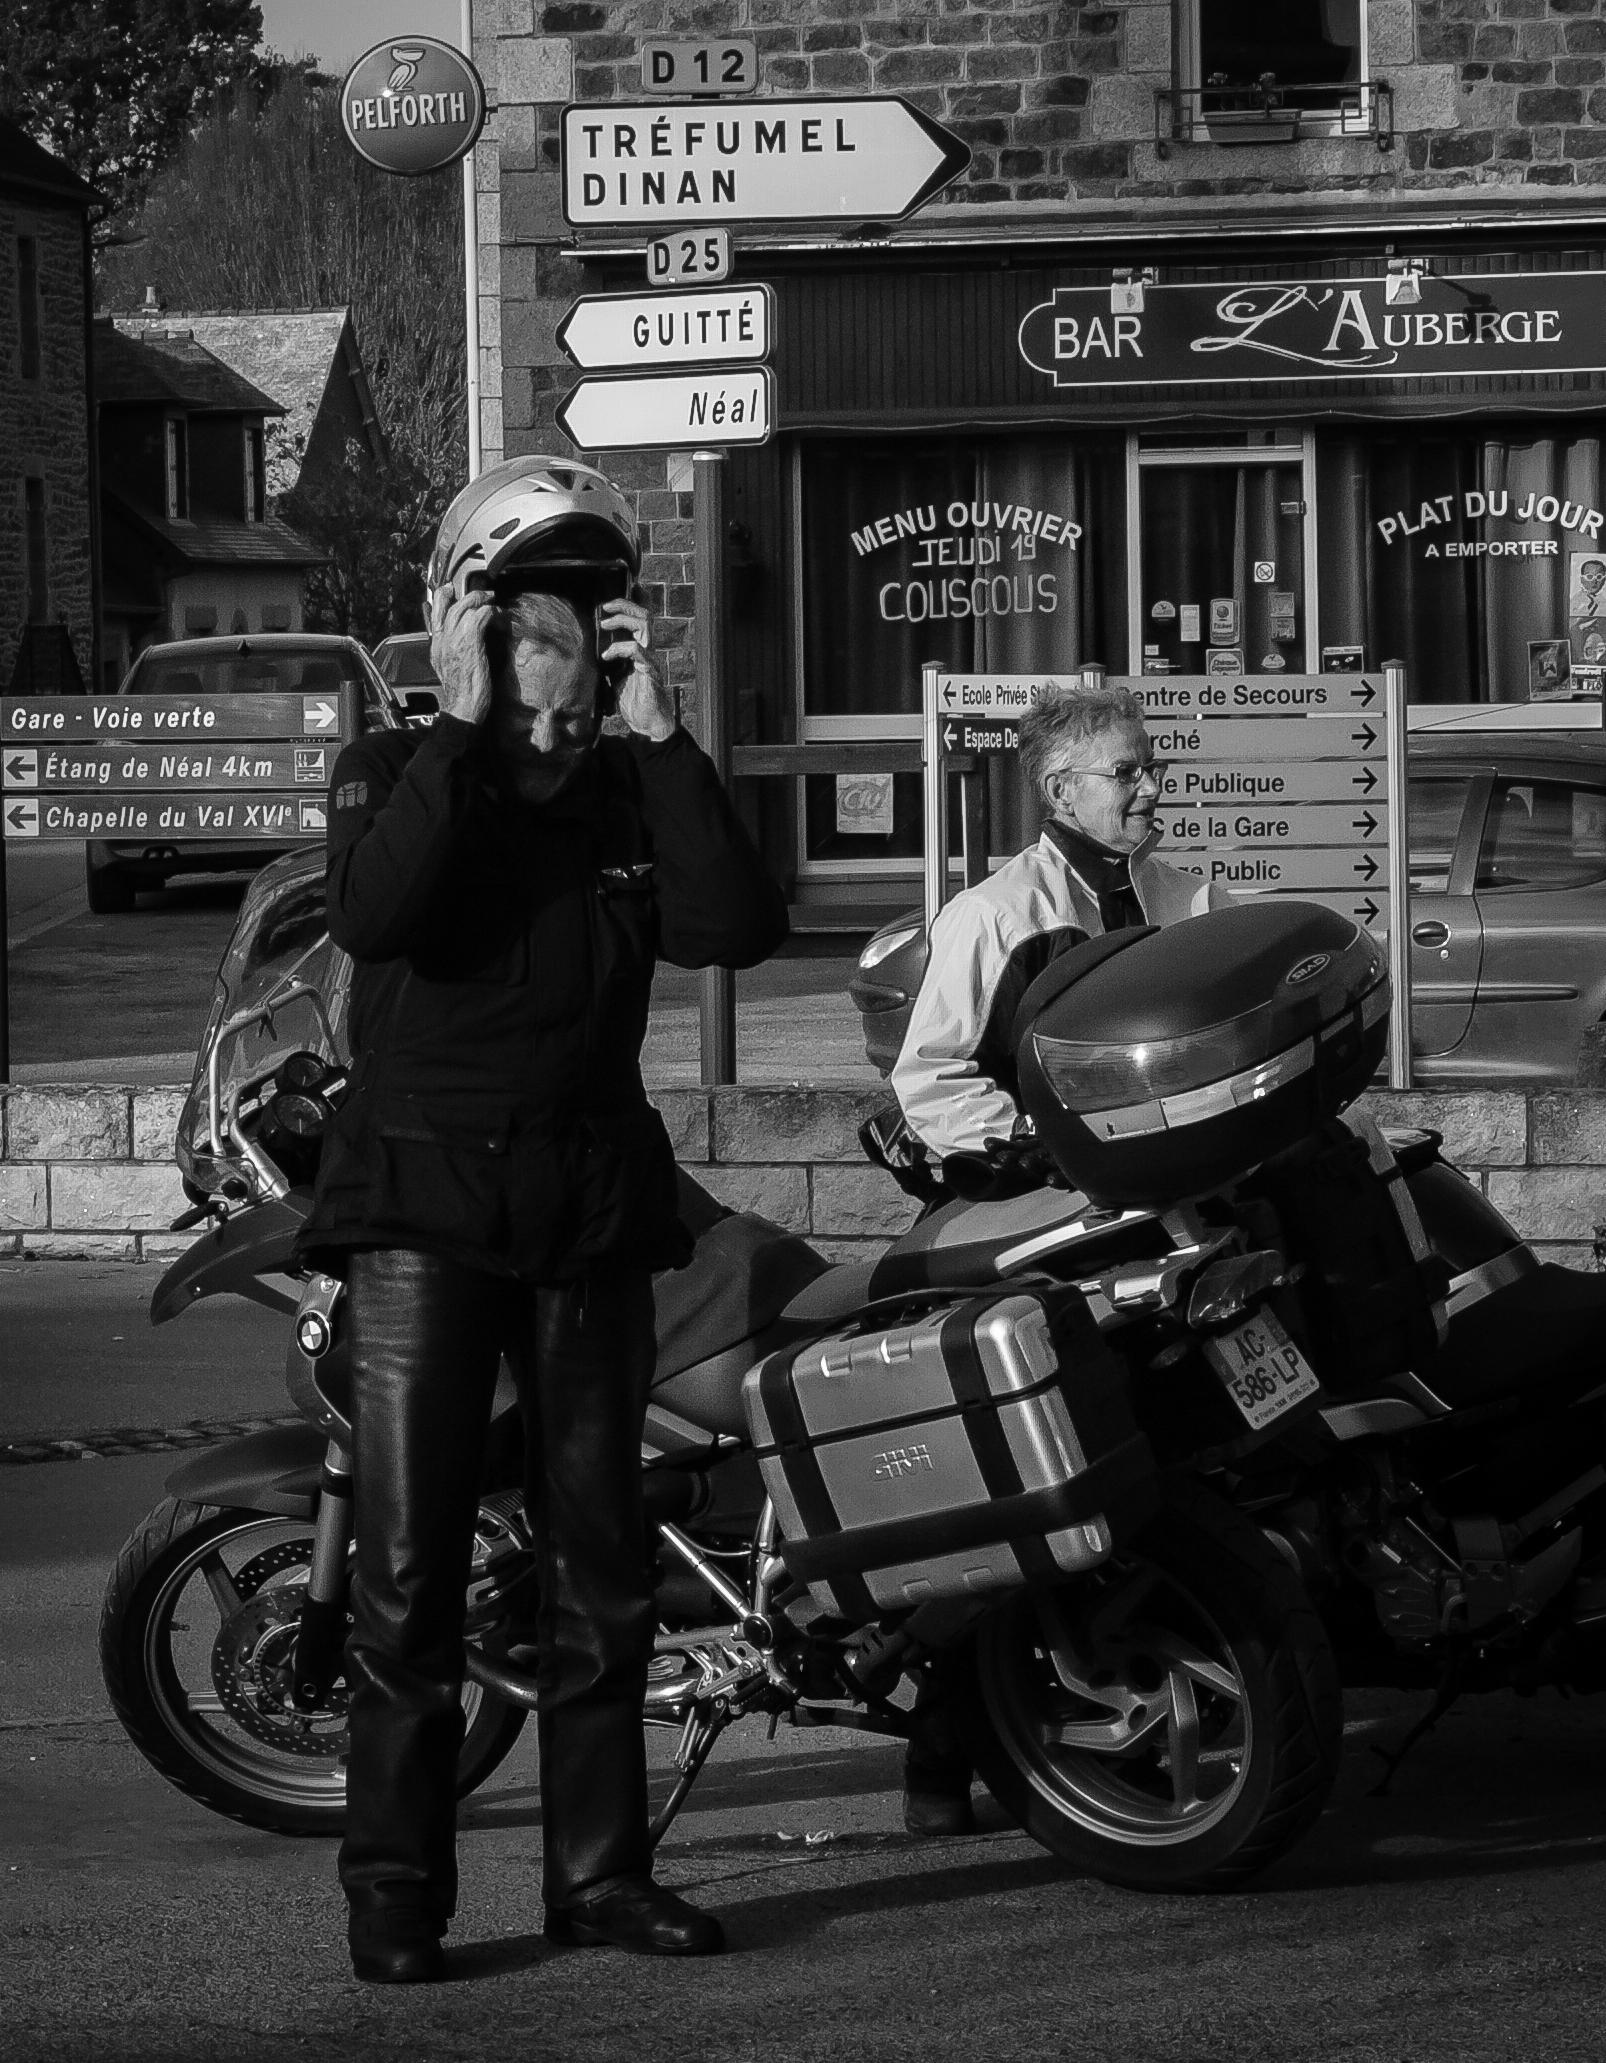 バイクのフリー素材、画像 (18)